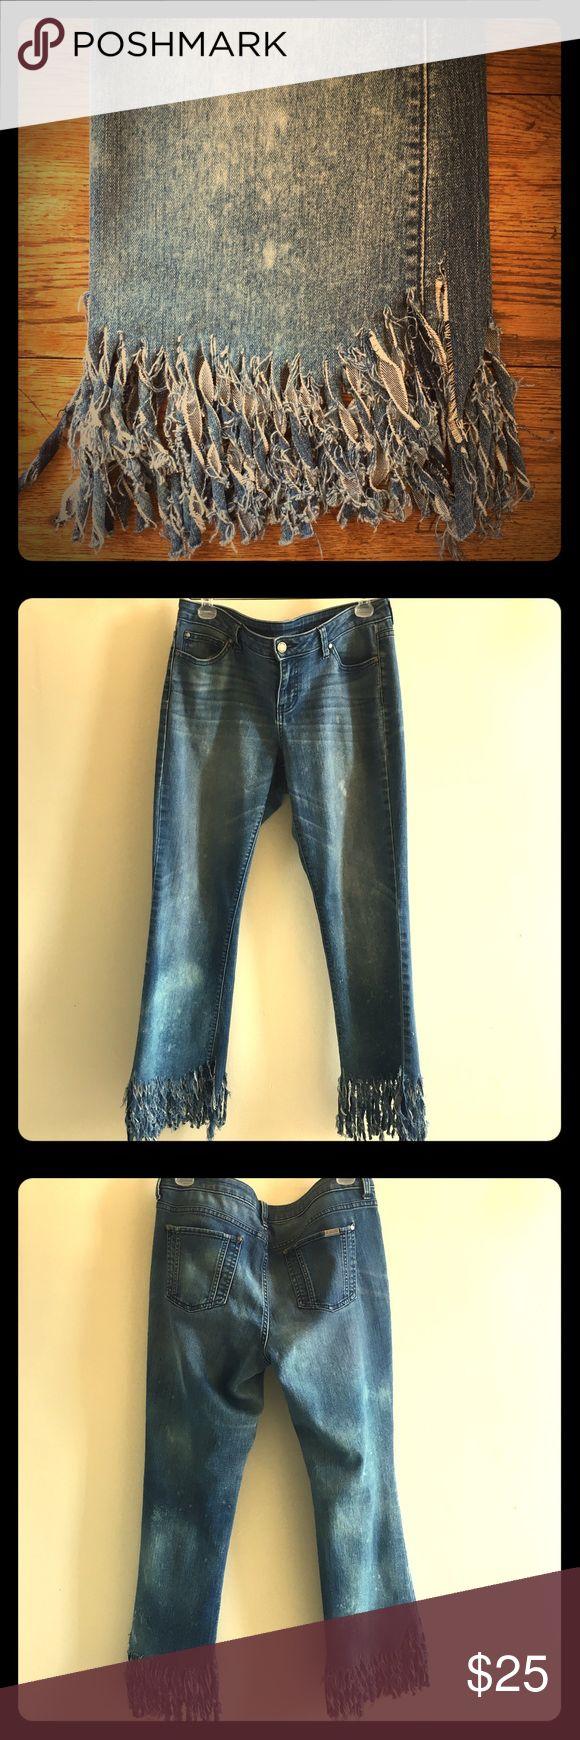 🍑🍑 Boyfriend Jeans, Fringed + Bleach Splattered 🌻🌻Jennifer Lopez Boyfriend jeans, so fun. very good pre-loved condition. fringed + bleach splattered as a diy, slouchy cropped fit. Jennifer Lopez Jeans Ankle & Cropped